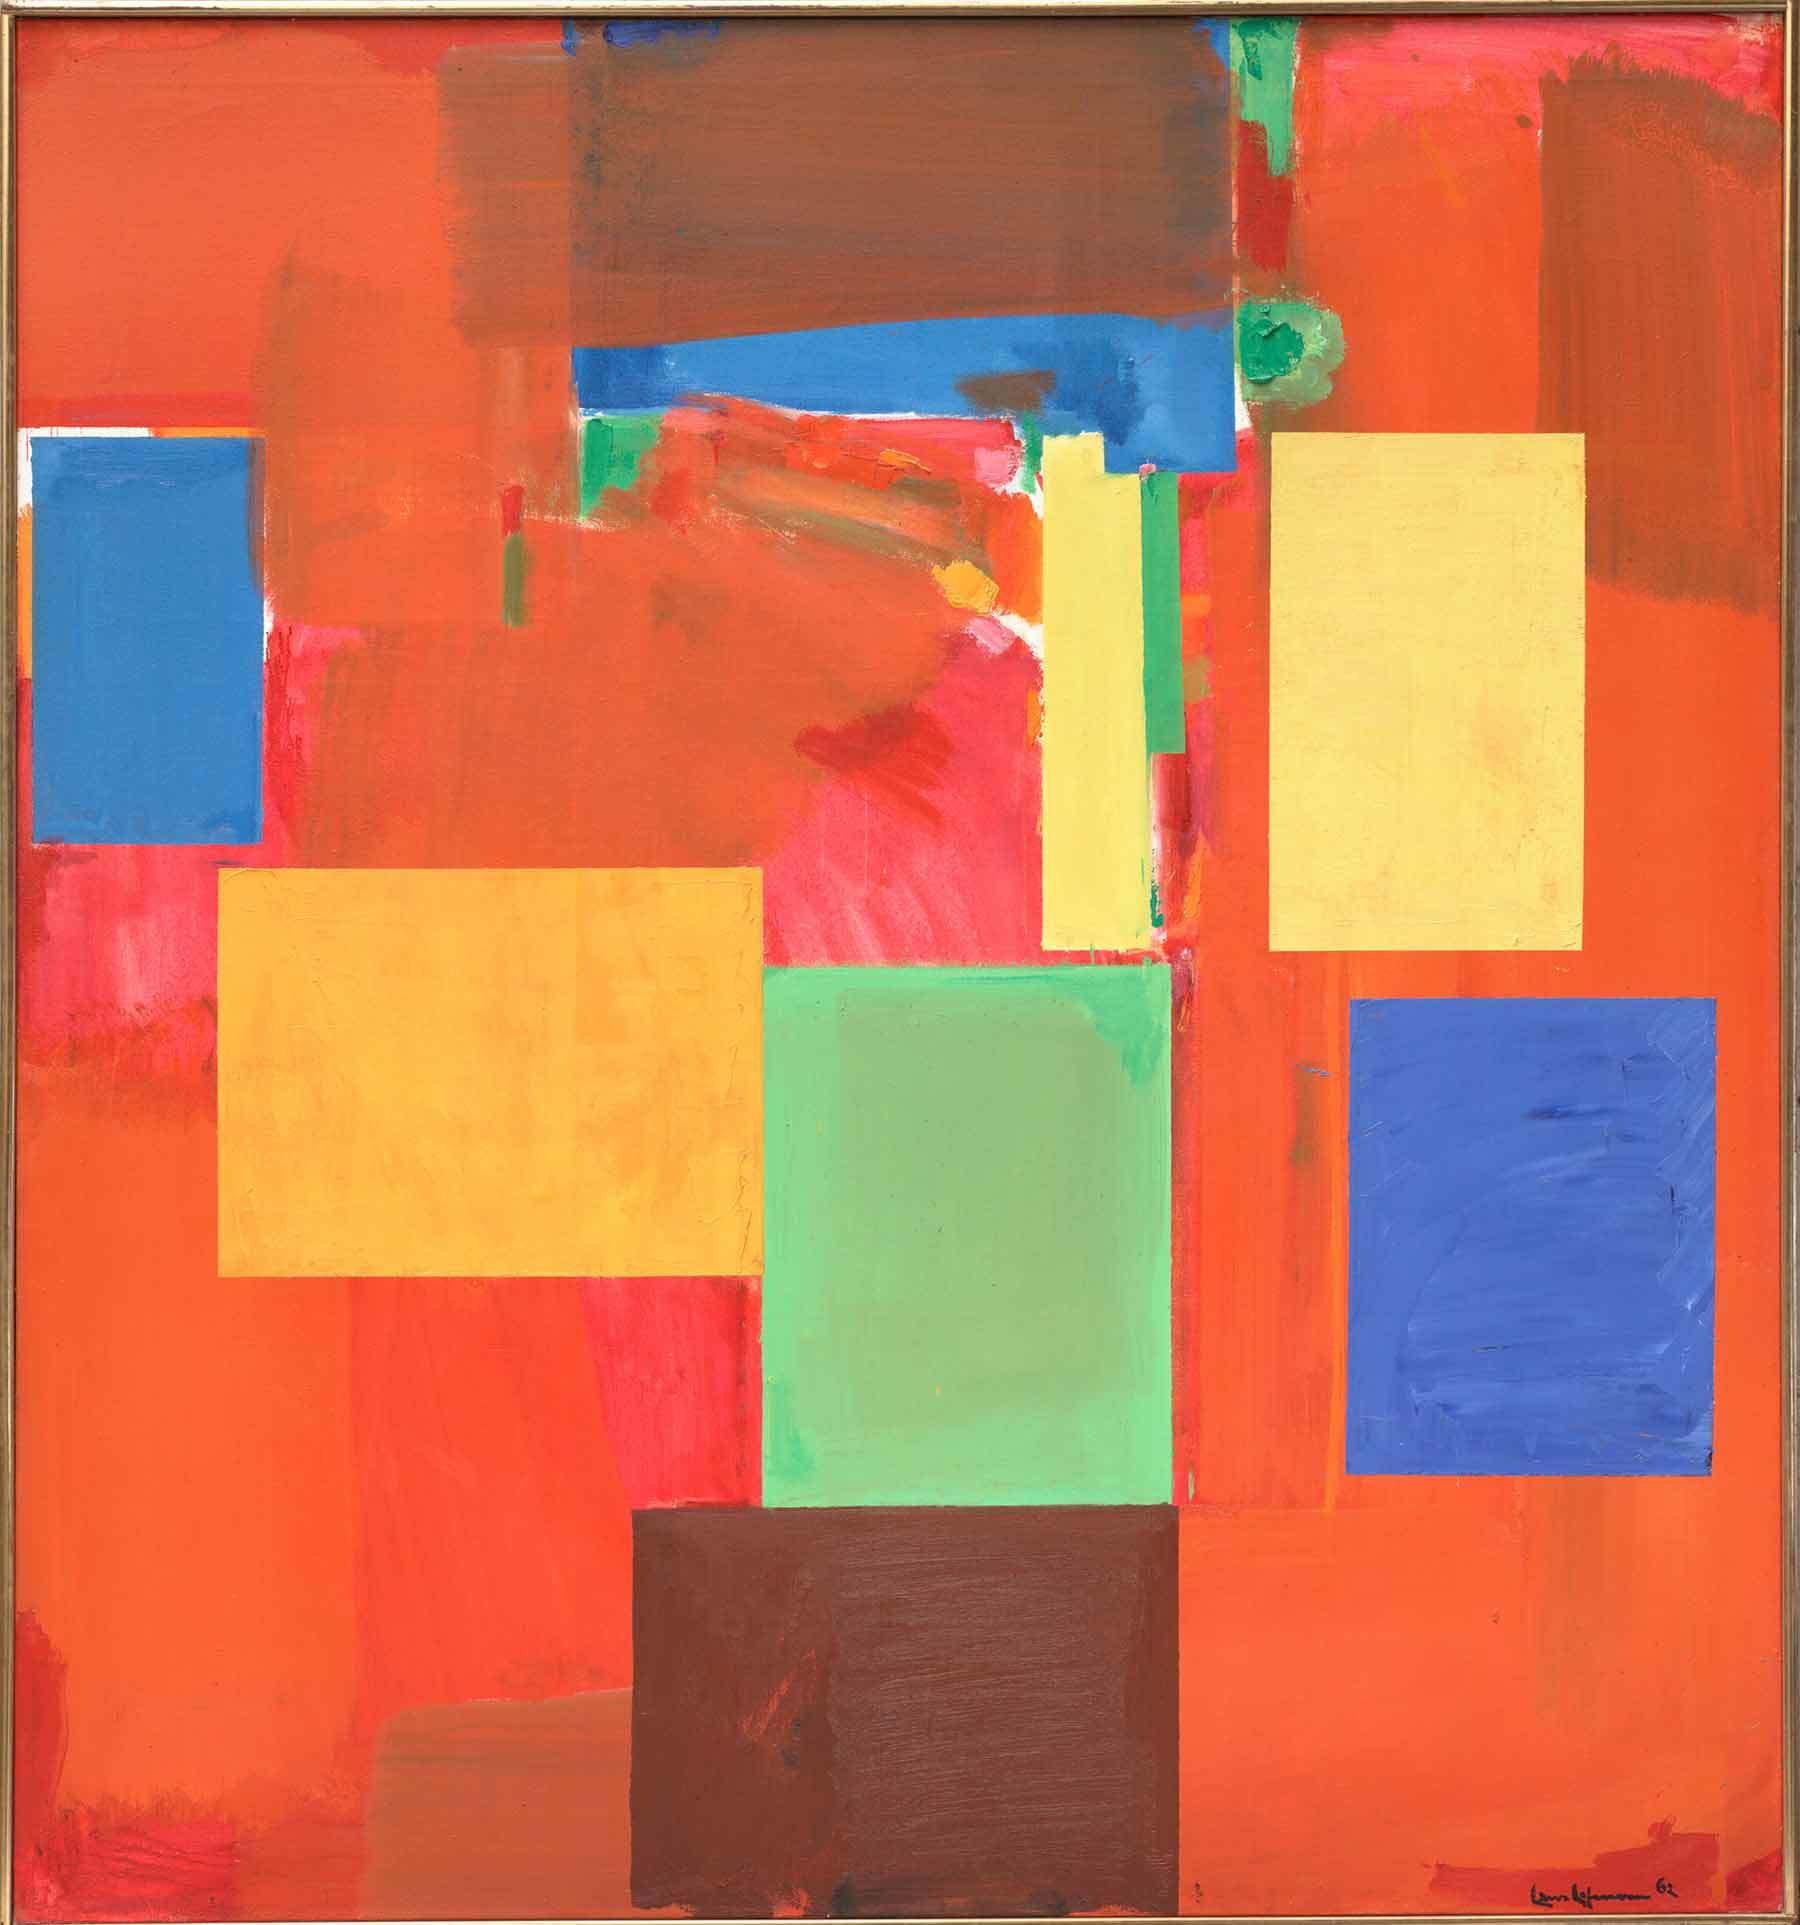 Hans Hofmann, Sanctum Sanctorum